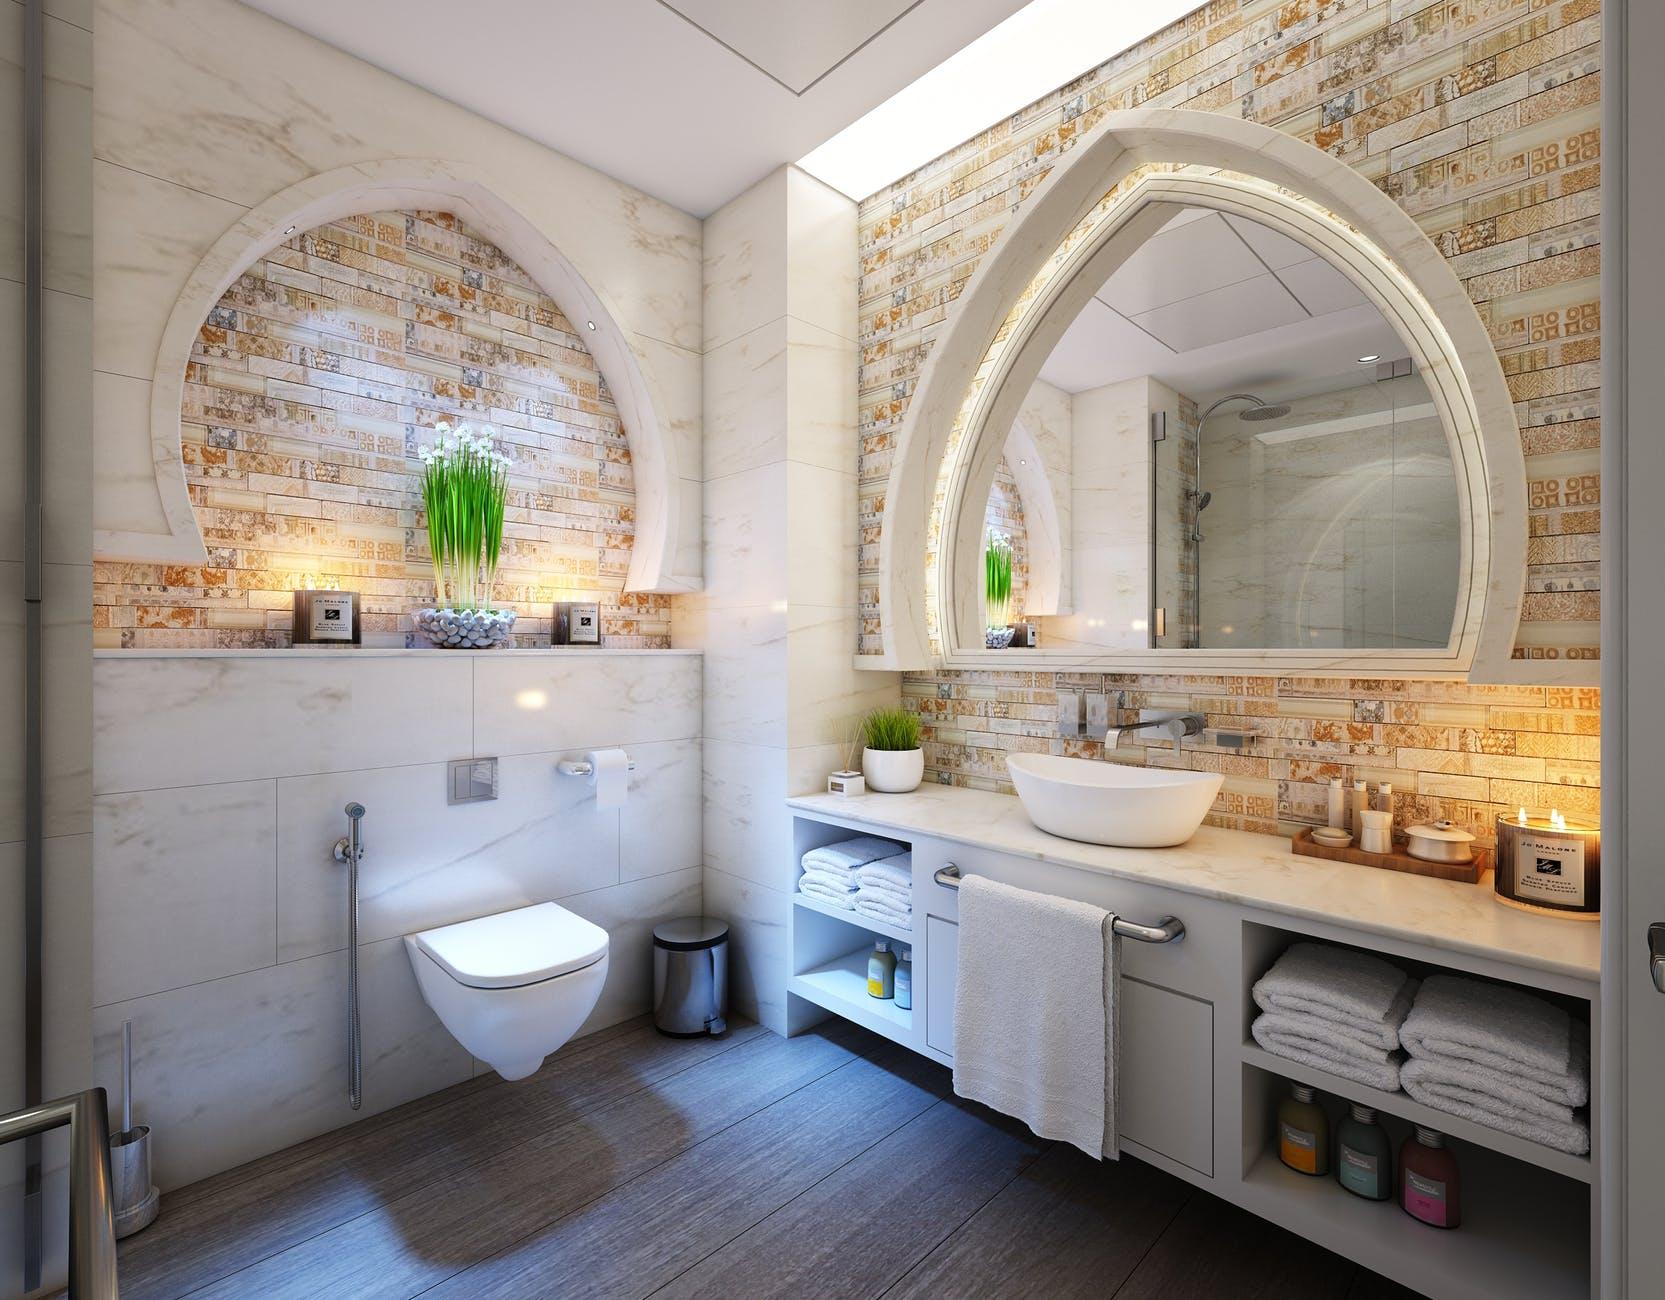 Limpieza de paredes, jaboneras y espejo